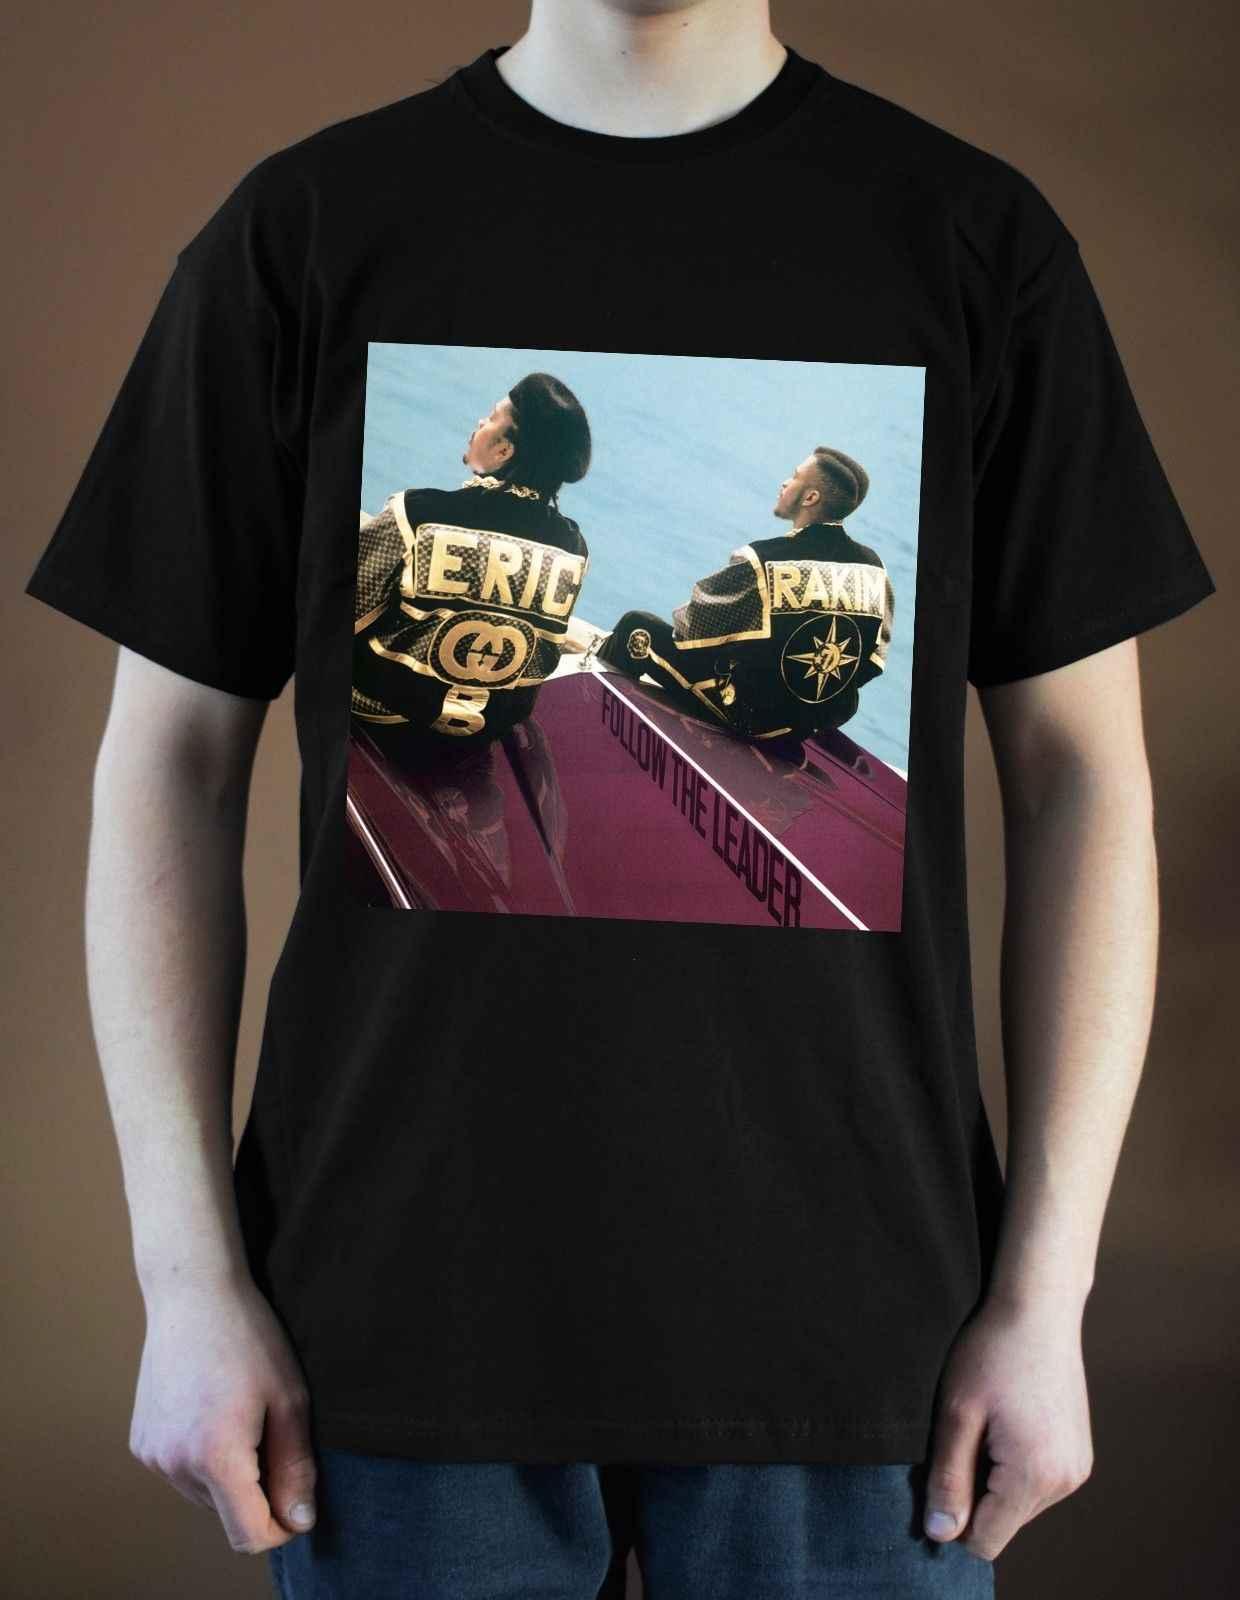 エリック · B と RAKIM フォローリーダー Tシャツ版。 1 (黒) S-5XL2019 ファッショナブルなブランド 100% 綿のプリントラウンドネック Tシャツチェ